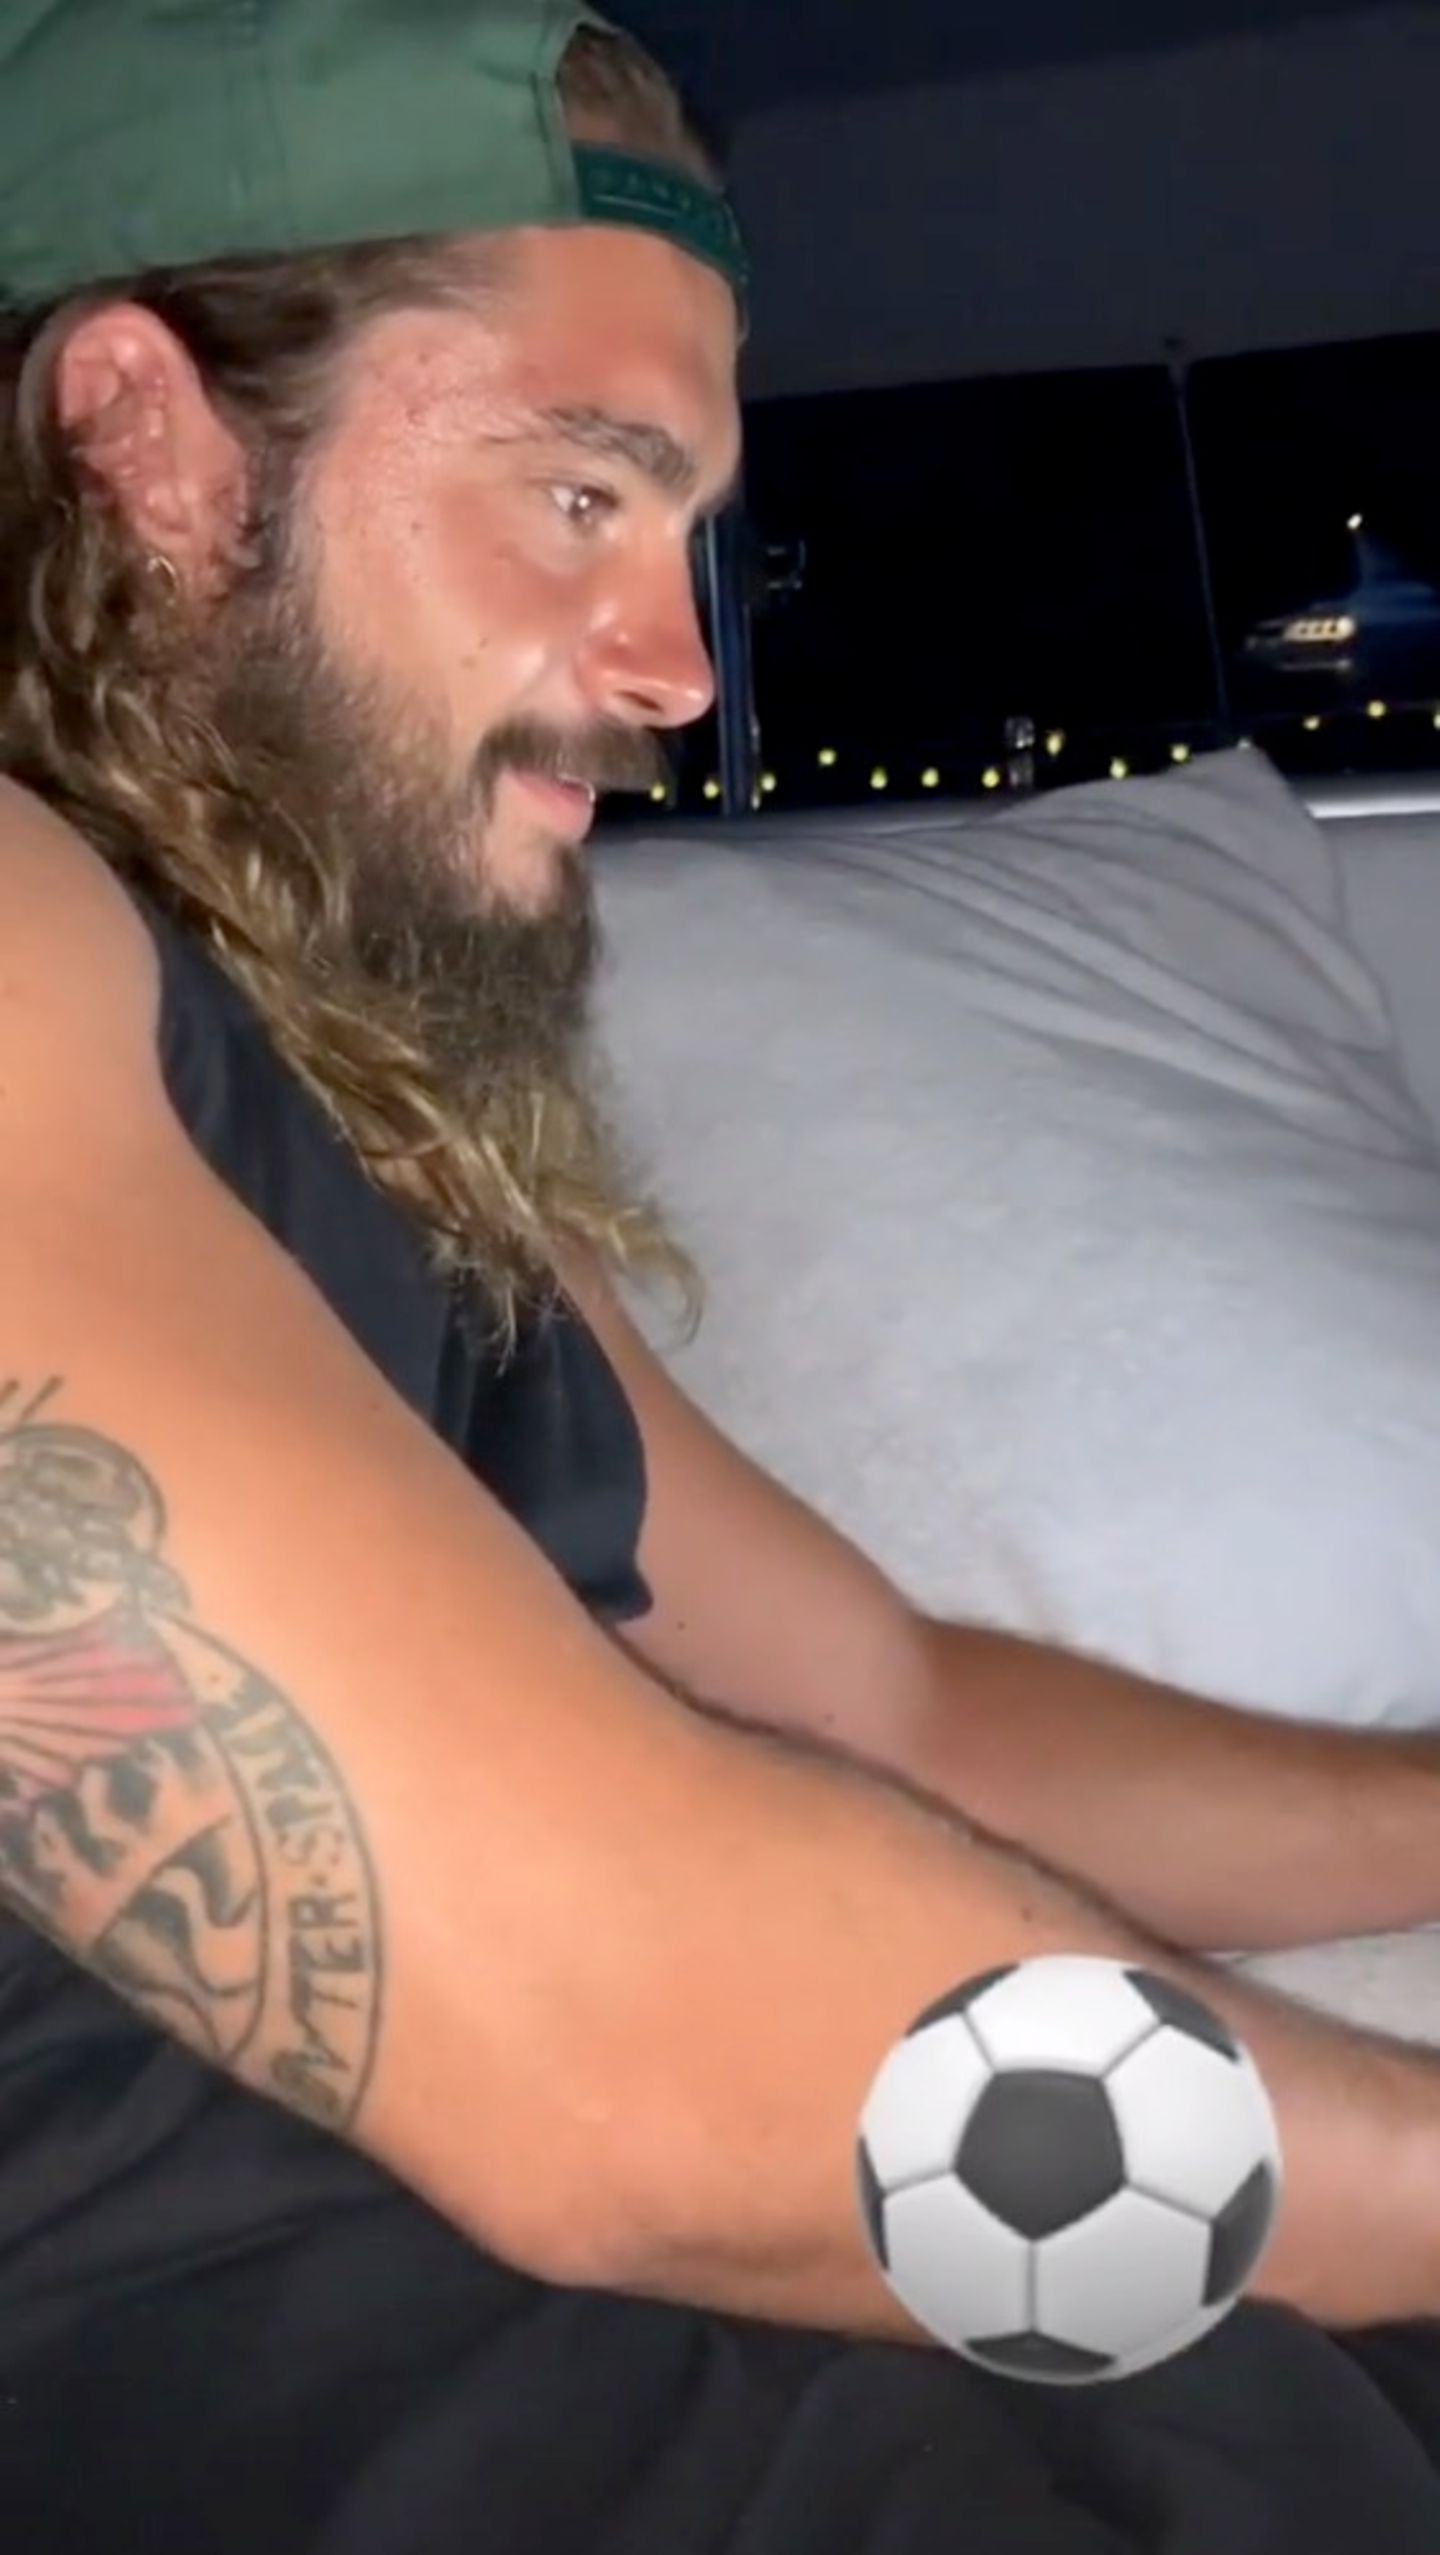 Ganz anders sieht Toms Hautbild nach der Hochzeit aus: Sein Teint wirkt glänzend und kleine Pickel sind an seiner Schläfe zu sehen.